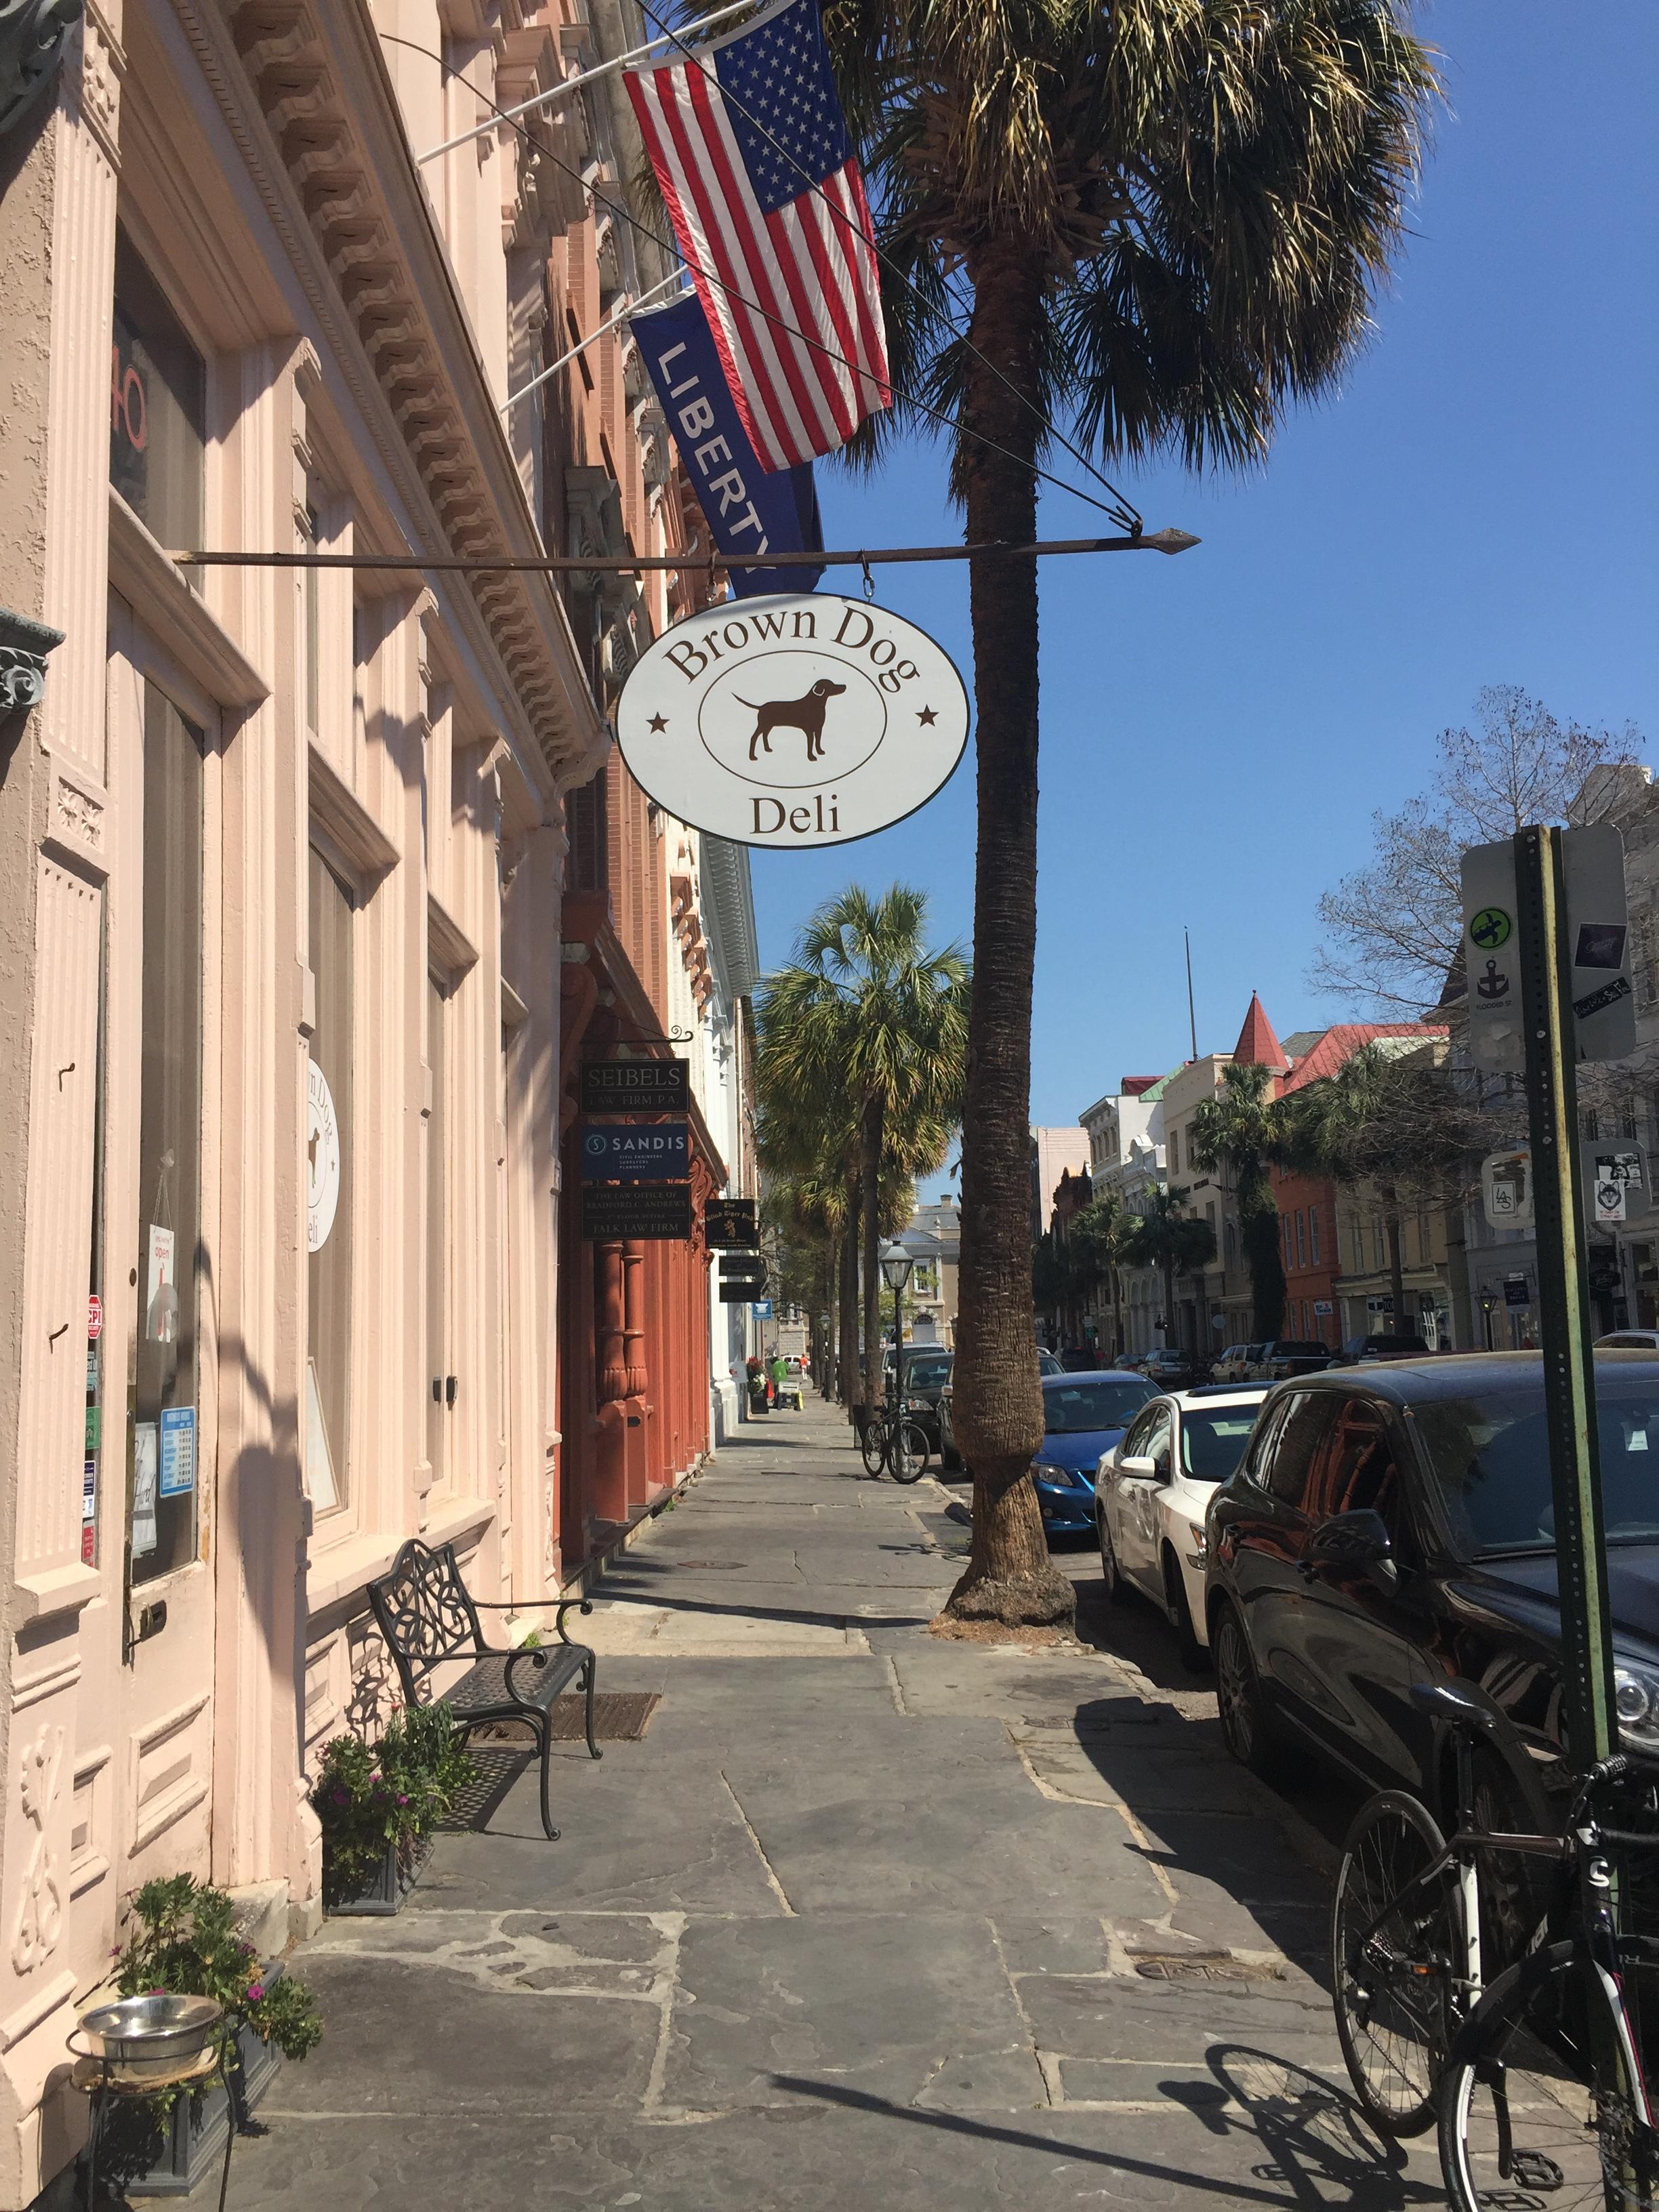 Outside of Brown Dog Deli Charleston SC Gluten Free Restaurant